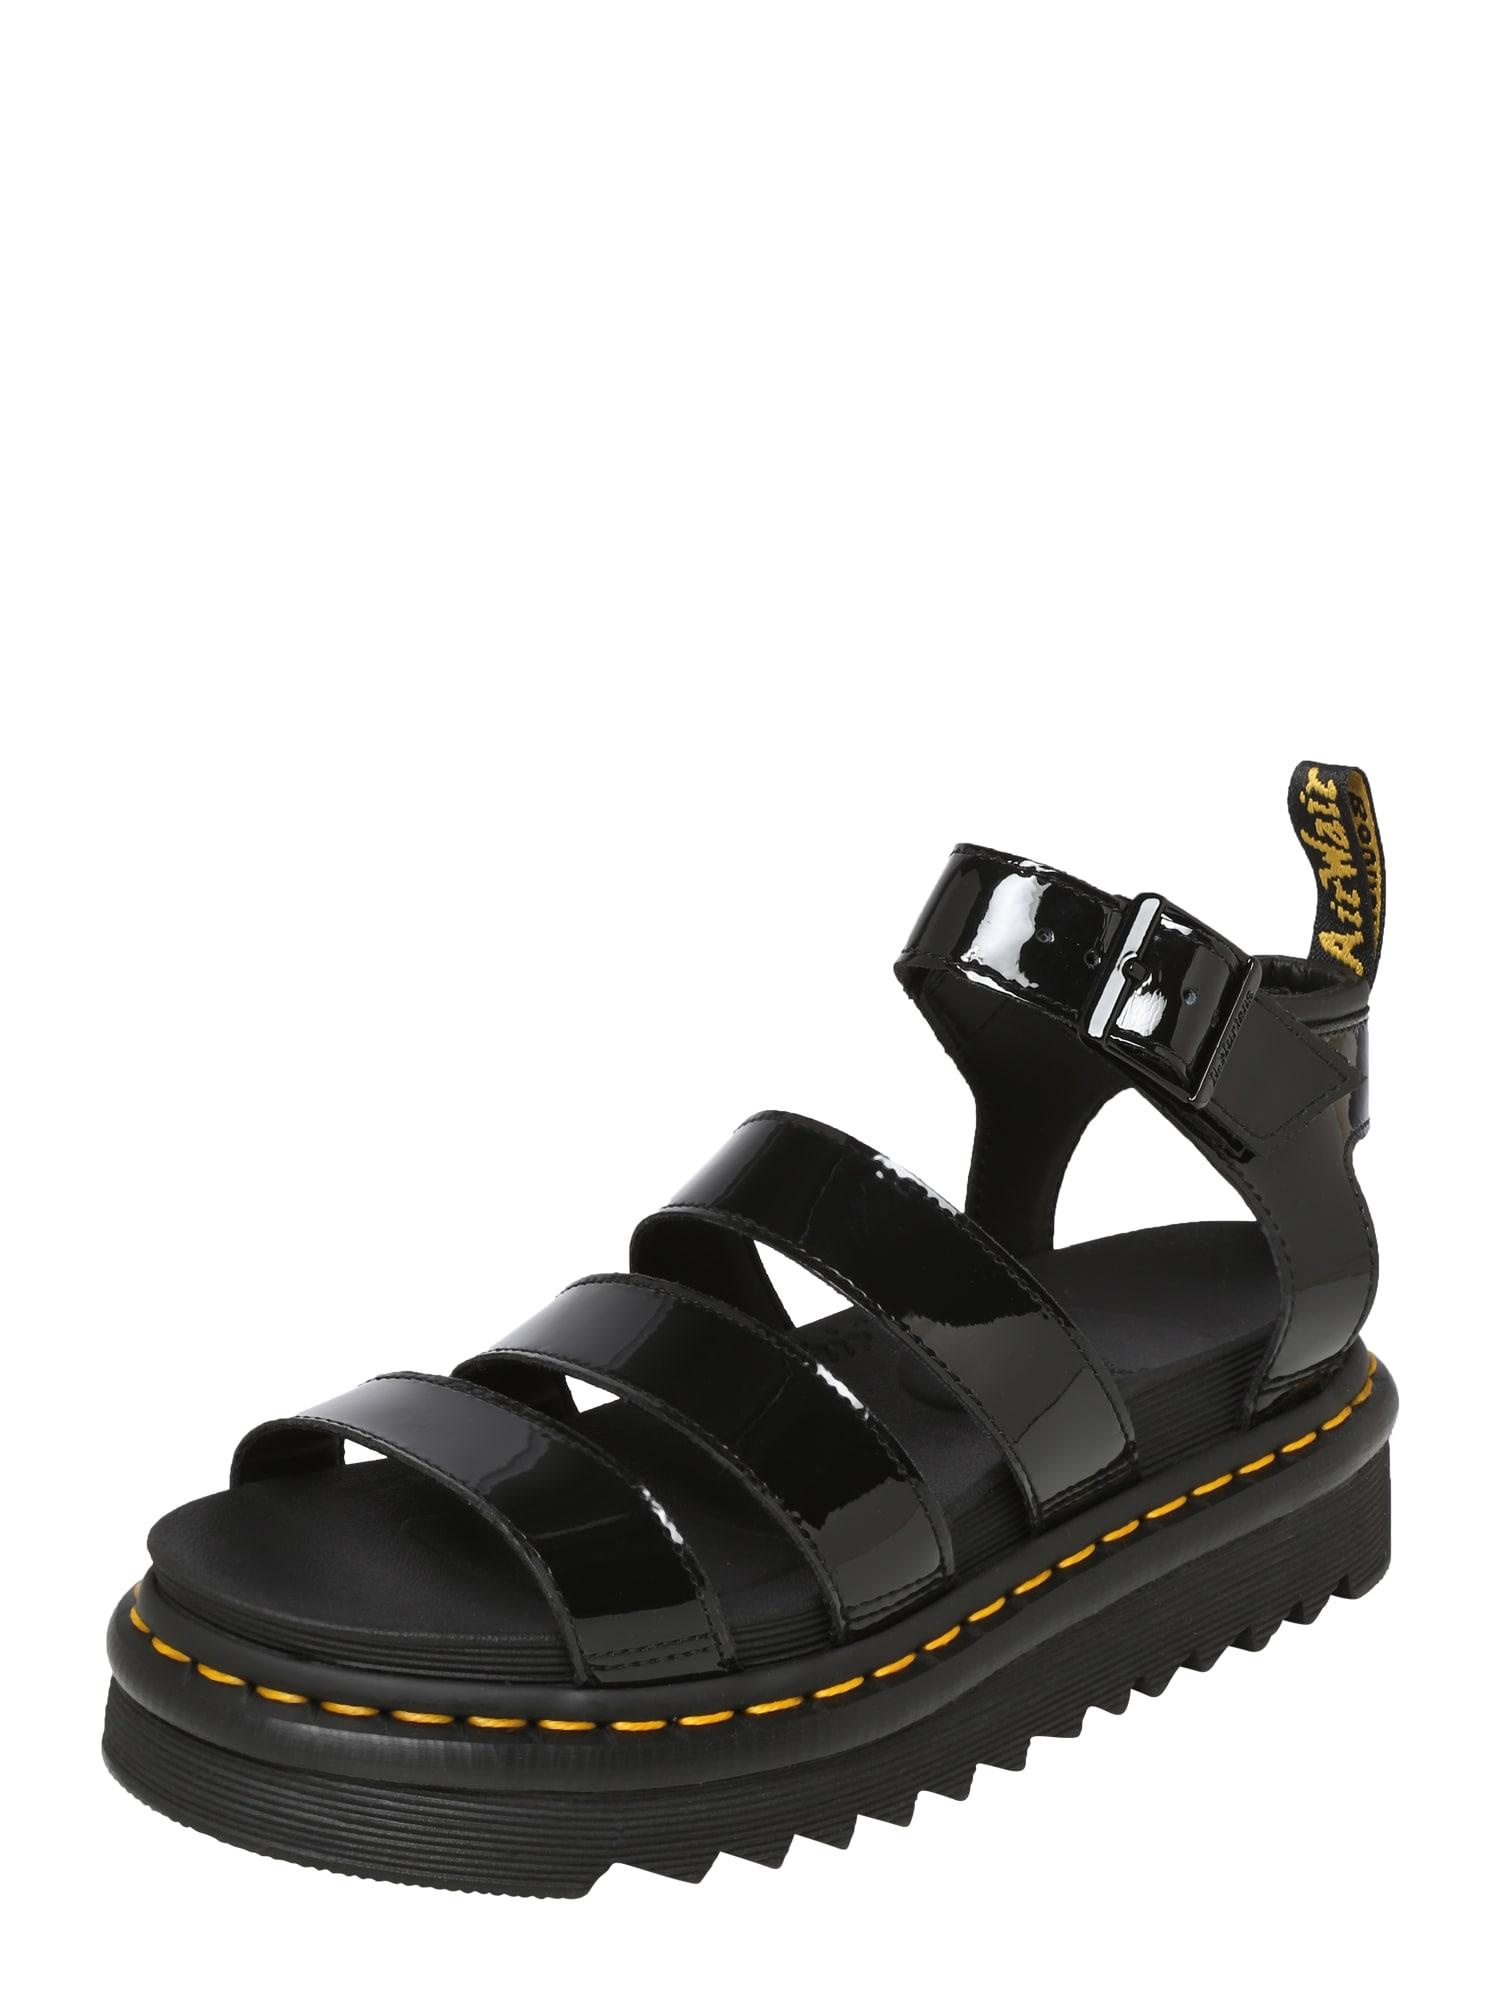 Páskové sandály Chunky Blaire černá Dr. Martens